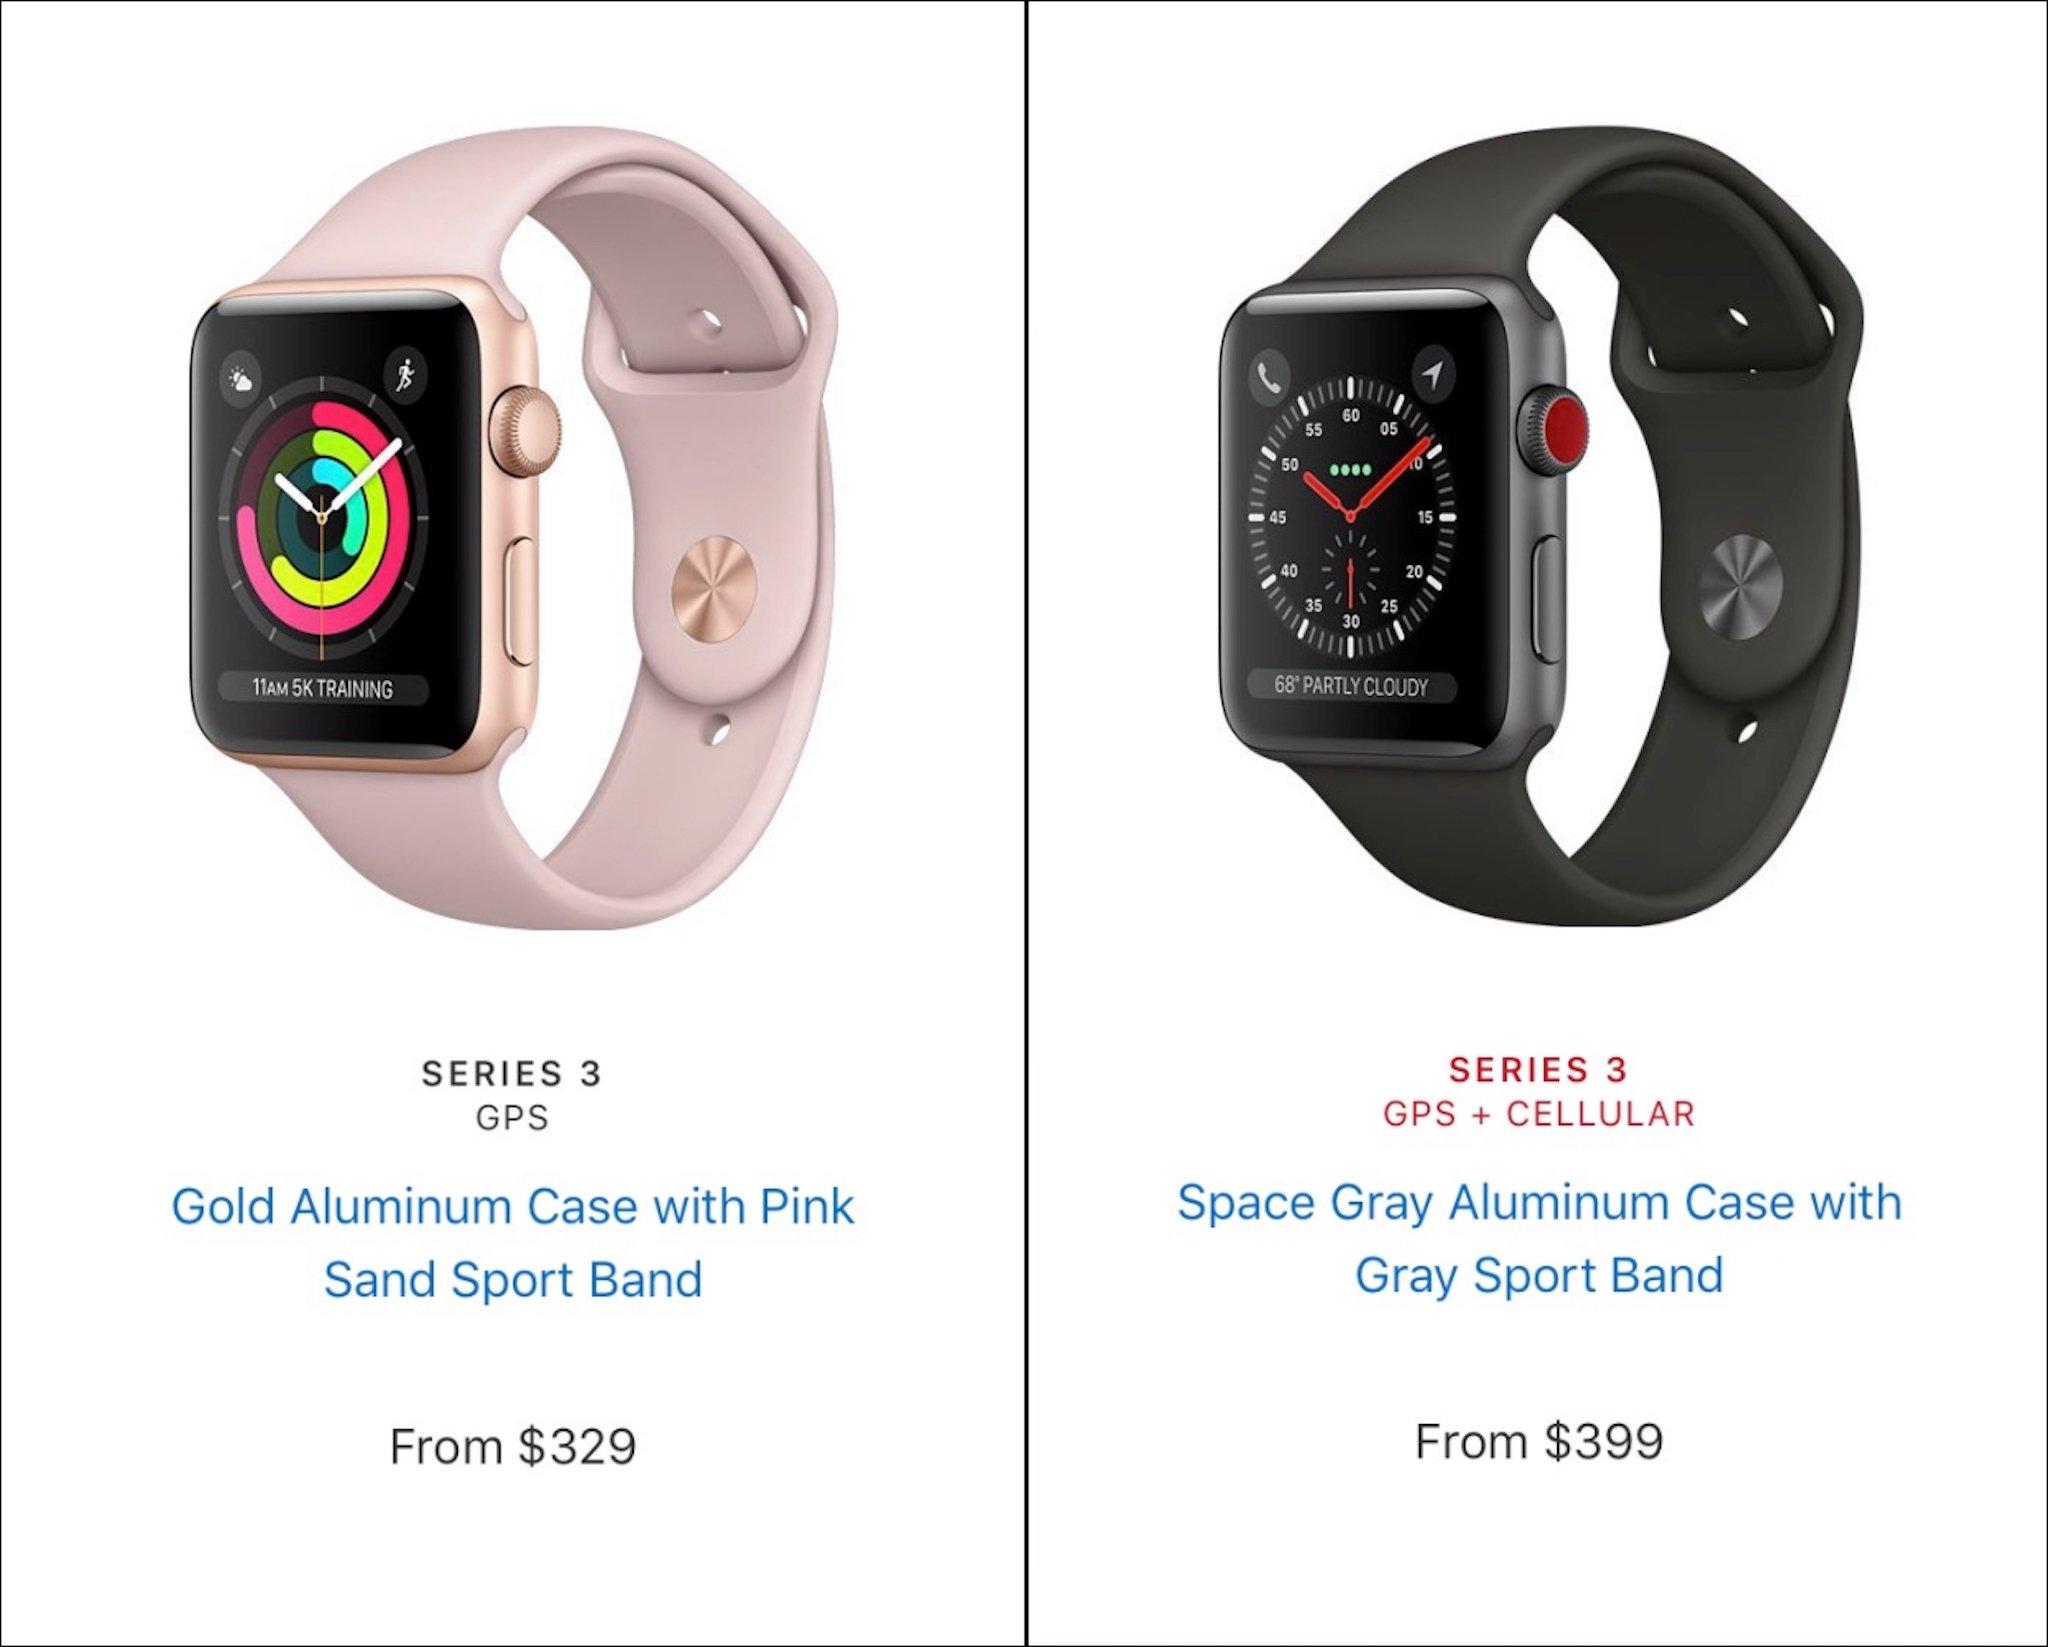 Apple Watch Series 3: Hỗ trợ LTE, chip W2 mạnh hơn 70%, giá từ 329 USD hình 5